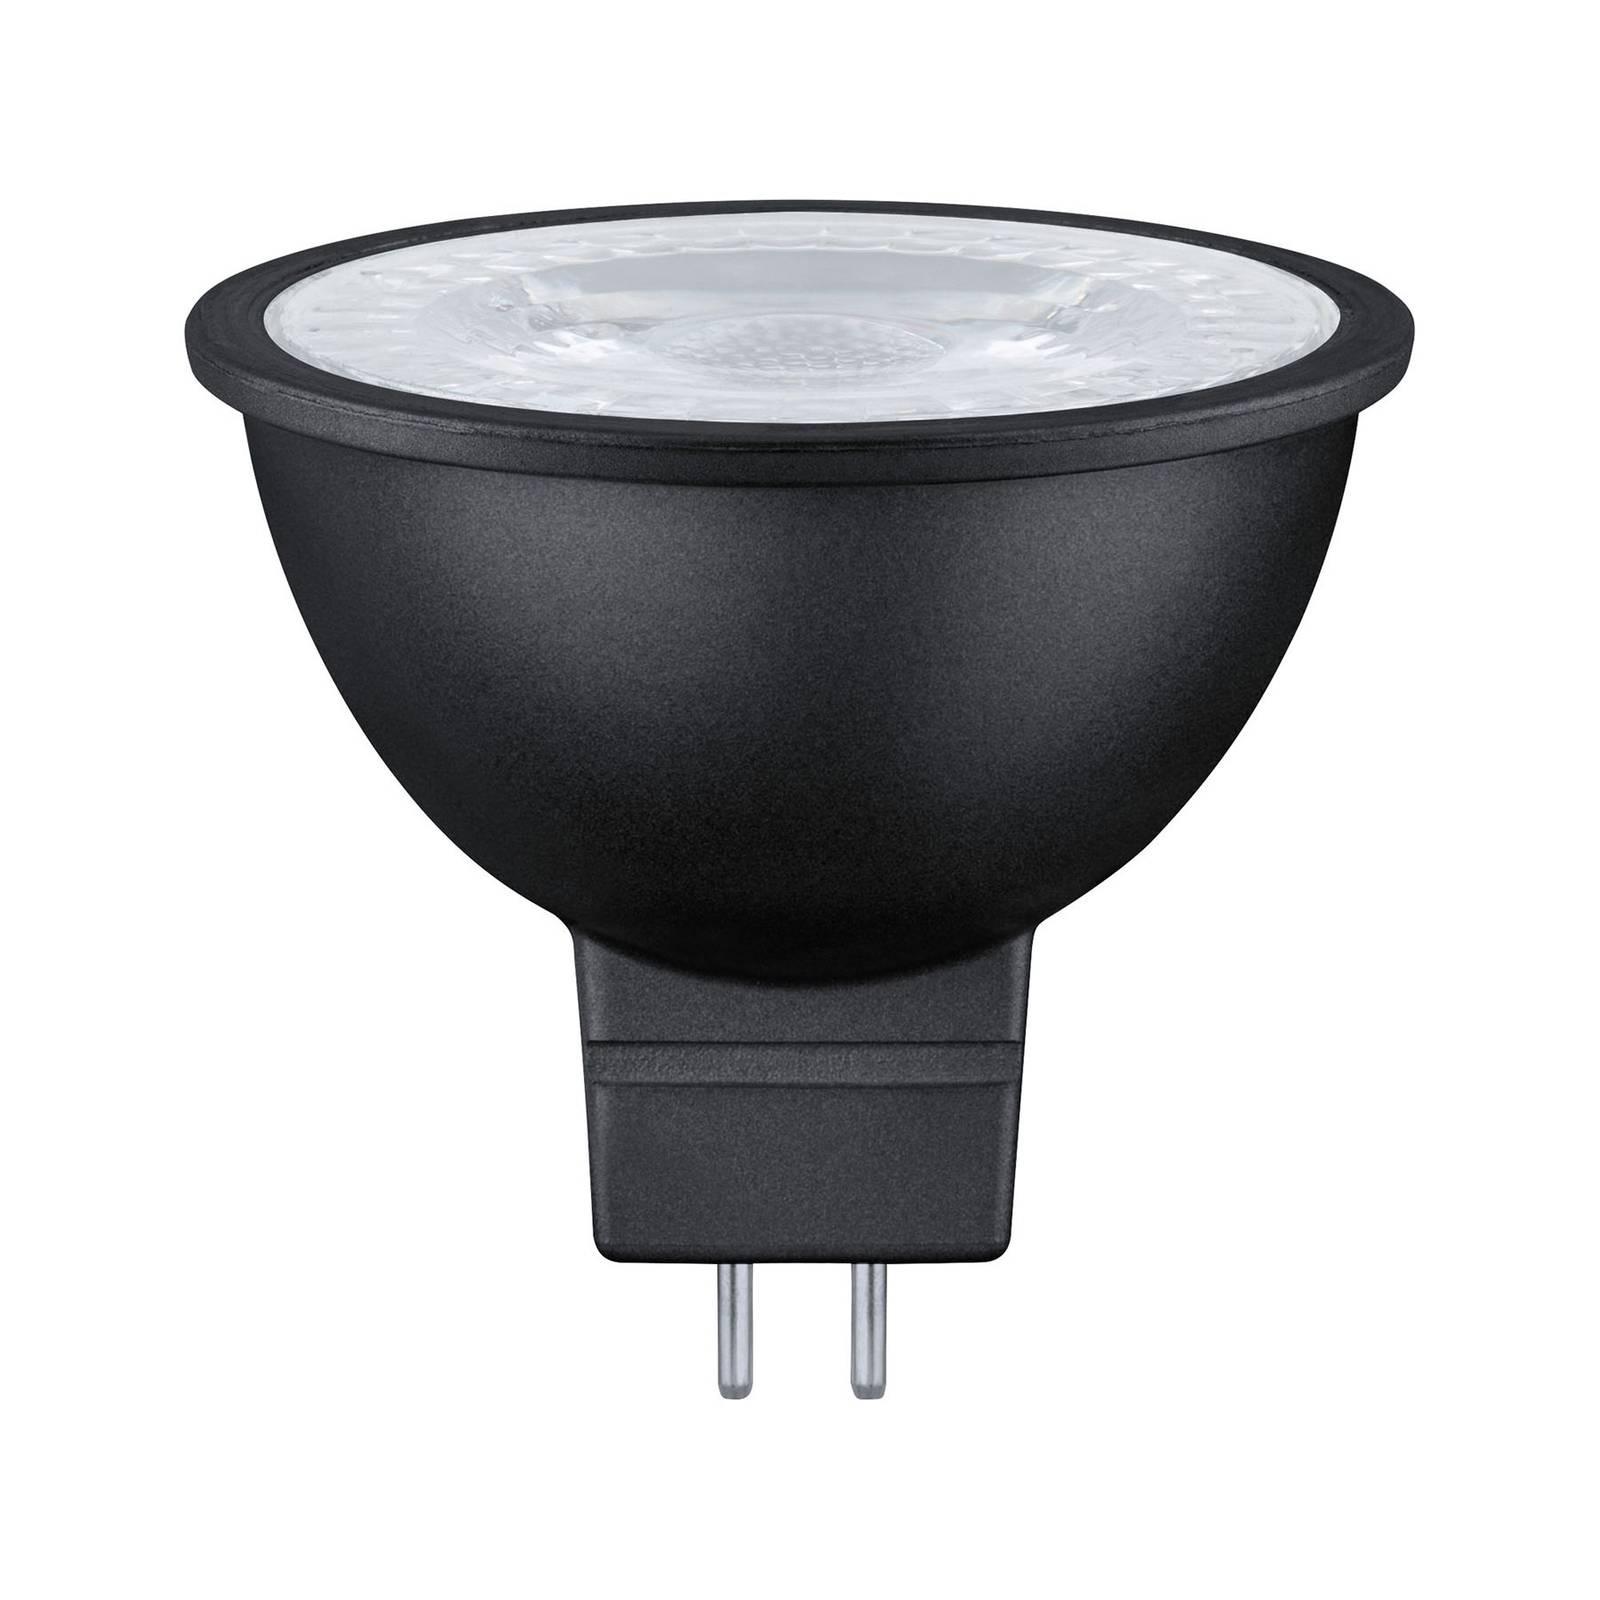 Paulmann LED-Reflektor GU5,3 6,5W 827 dim schwarz